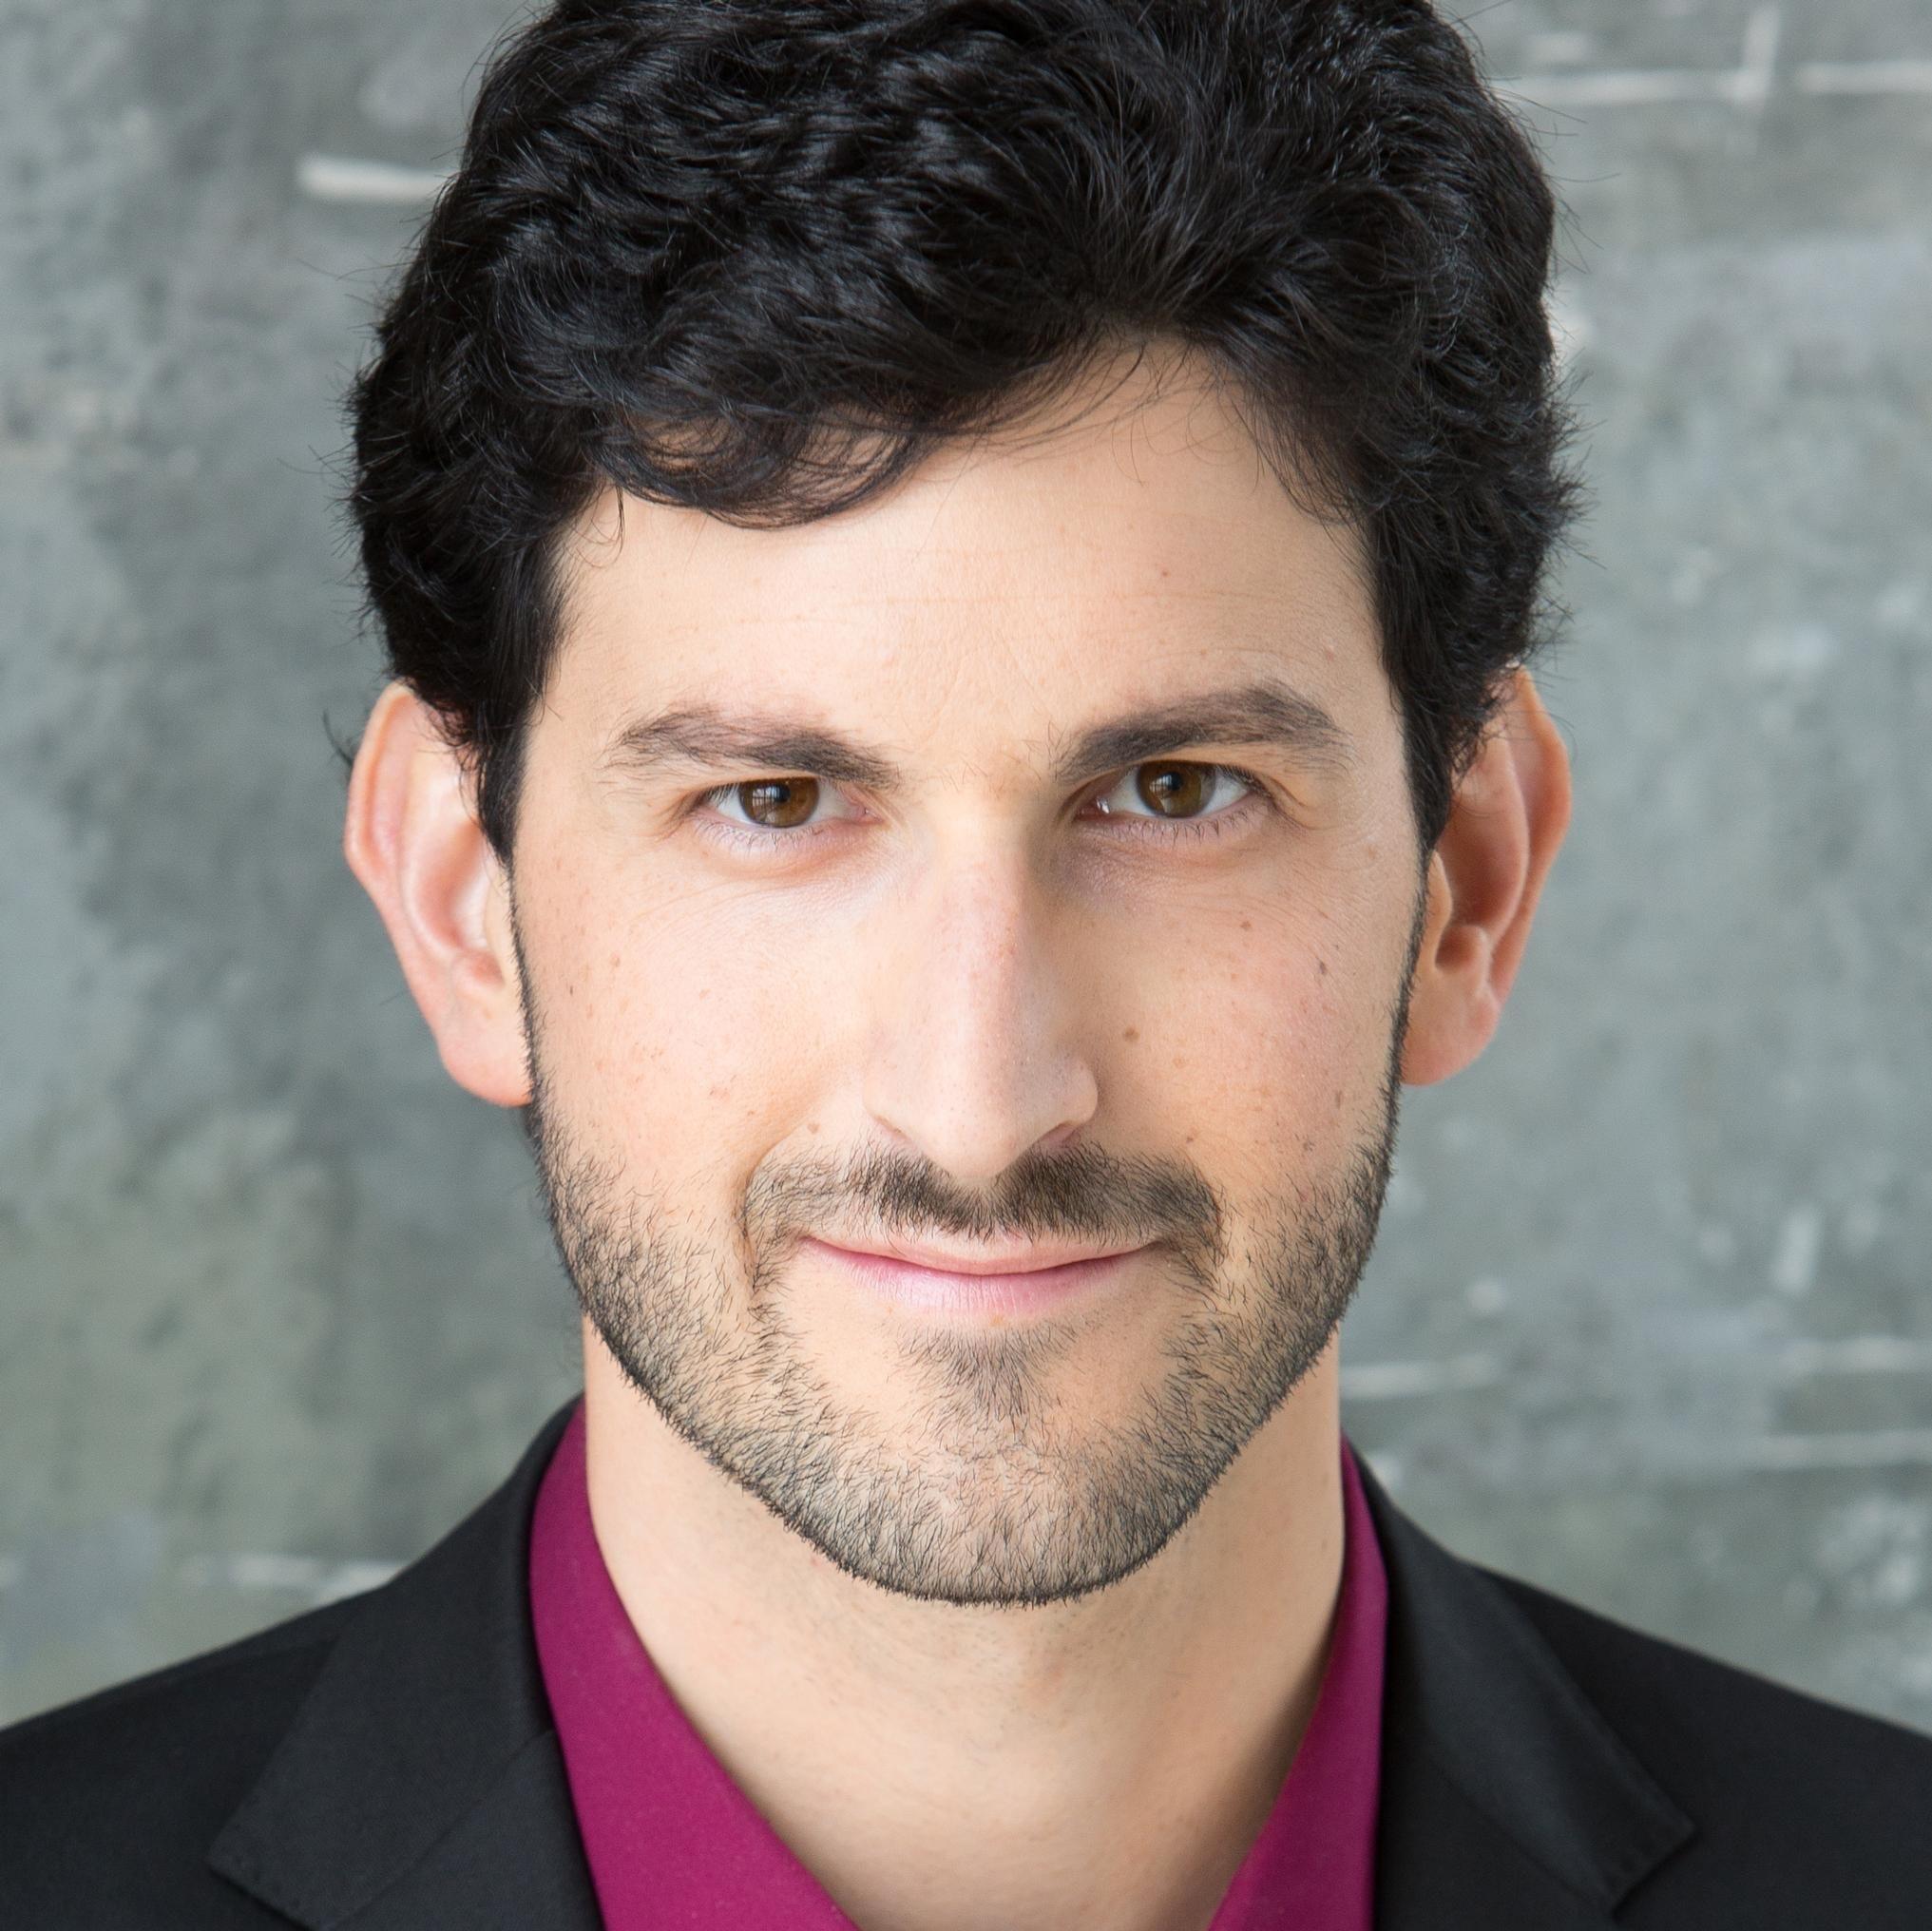 Ben Kazez